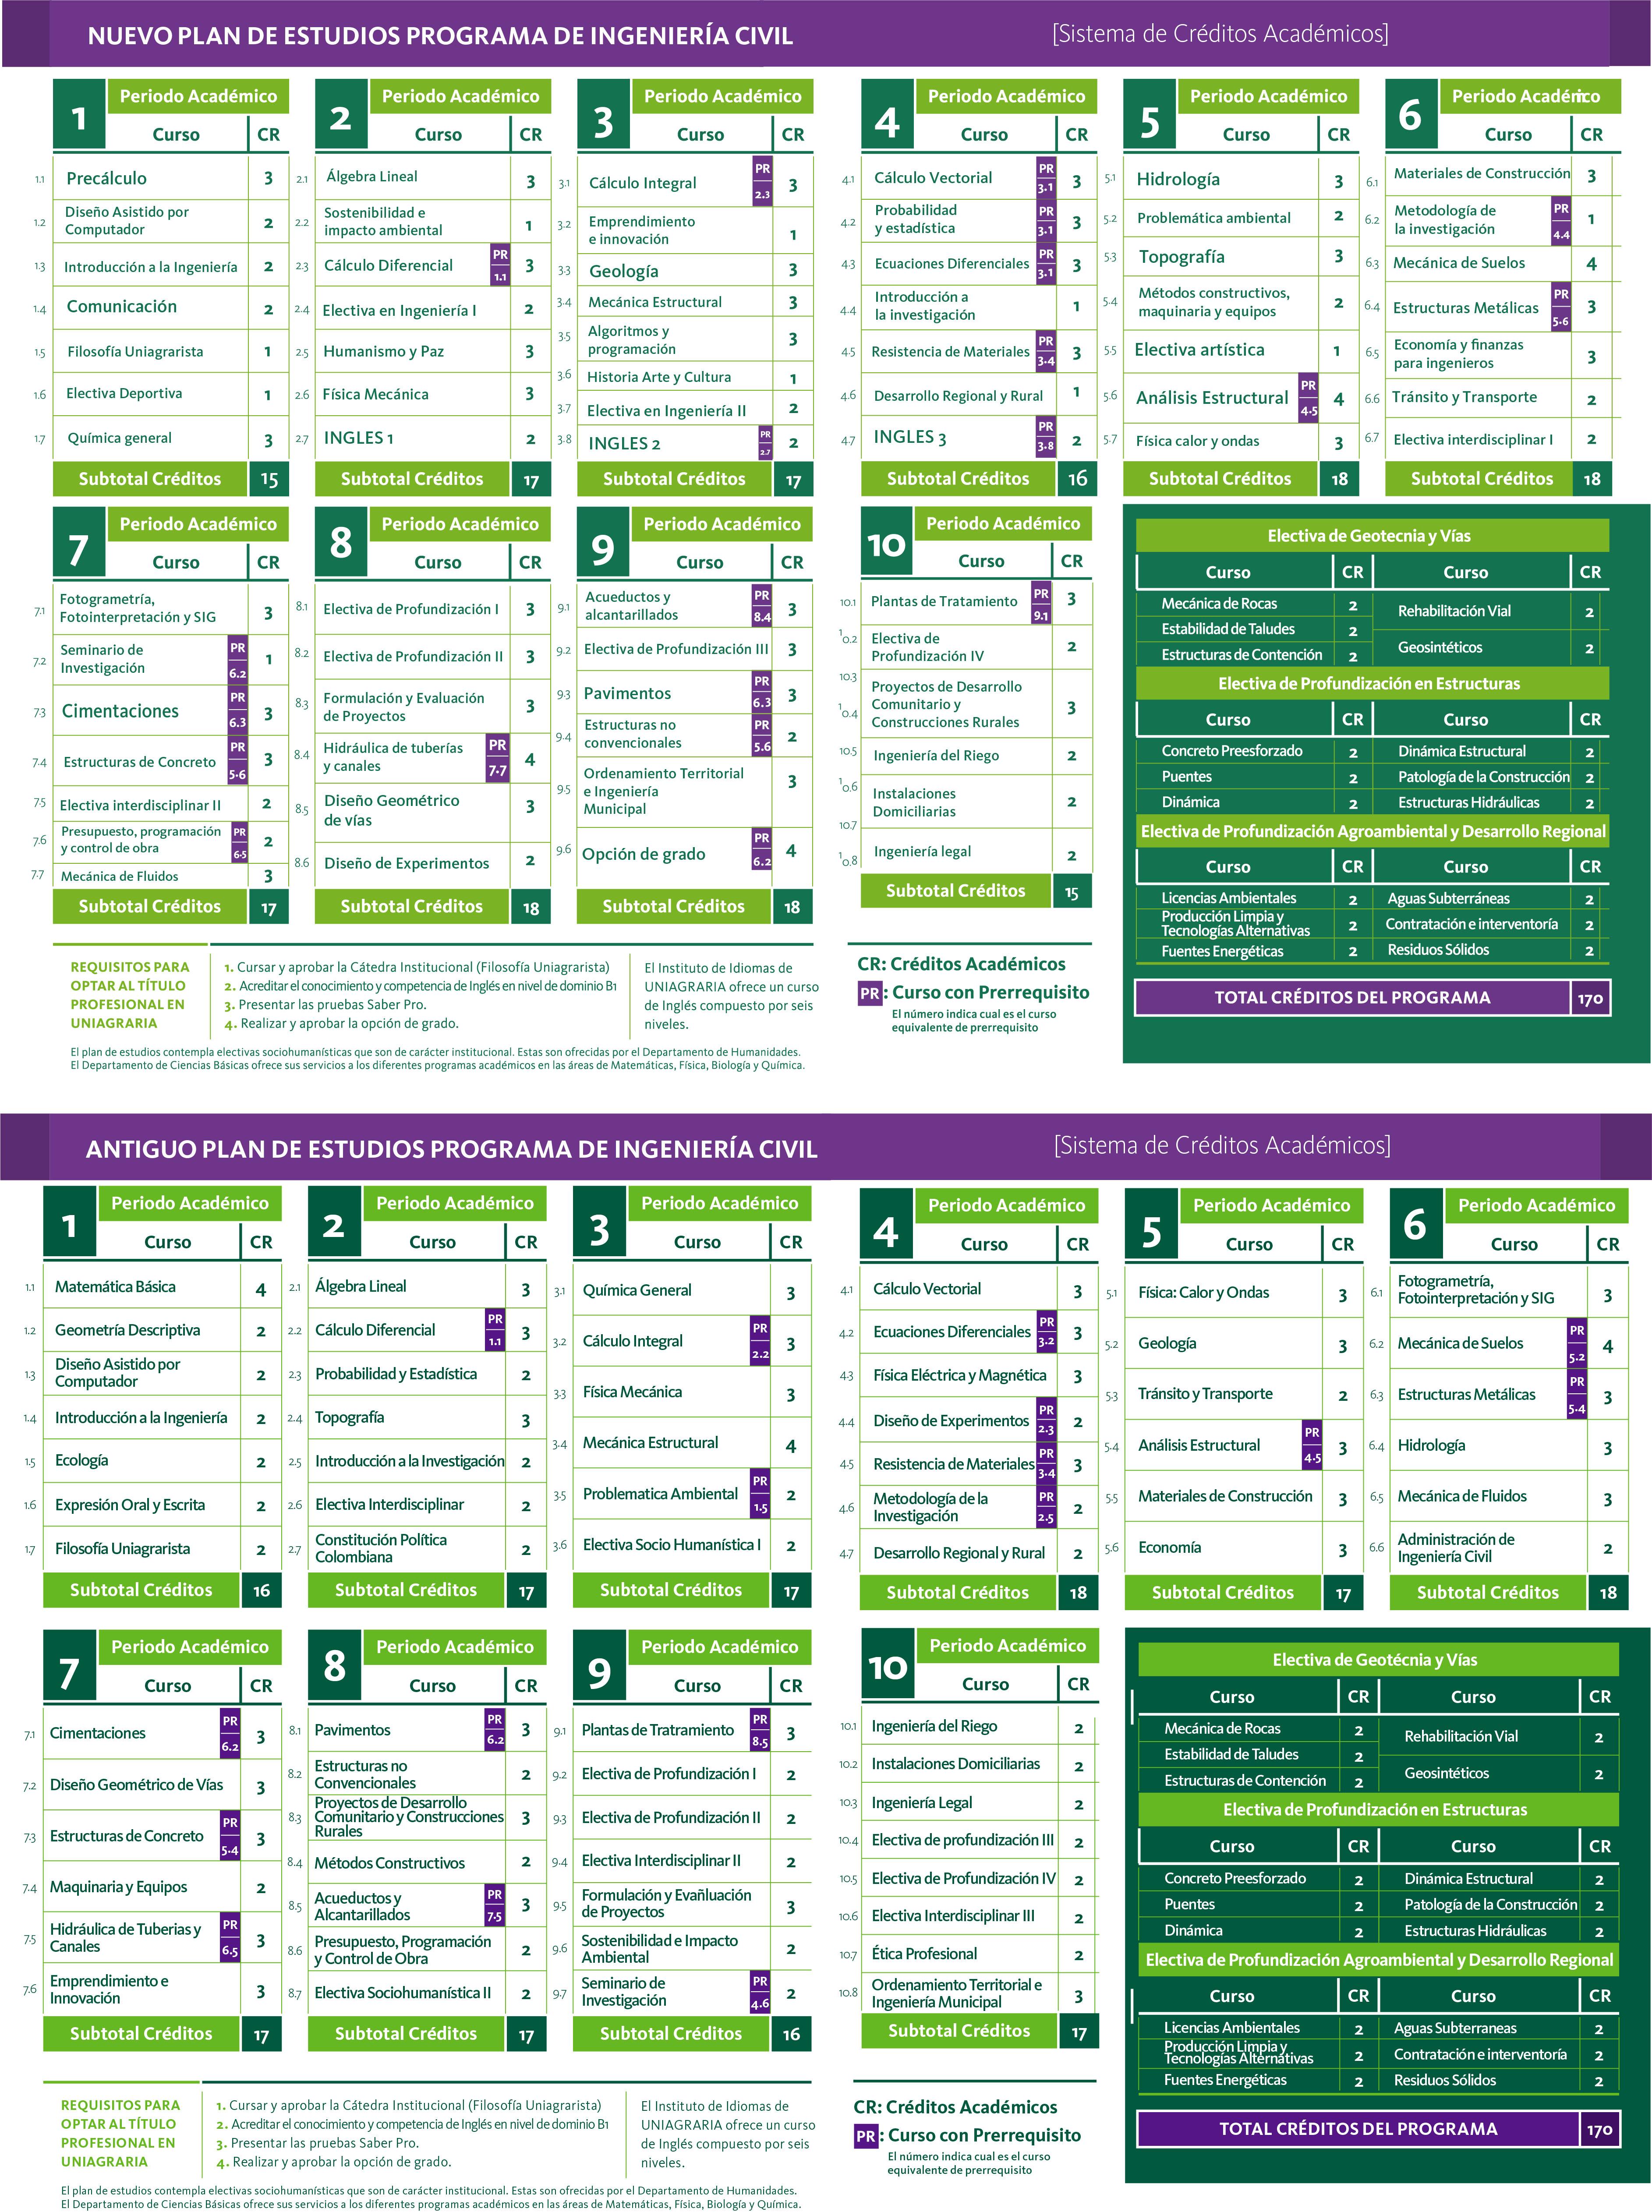 Plan de estudios de Ingeniería Civil